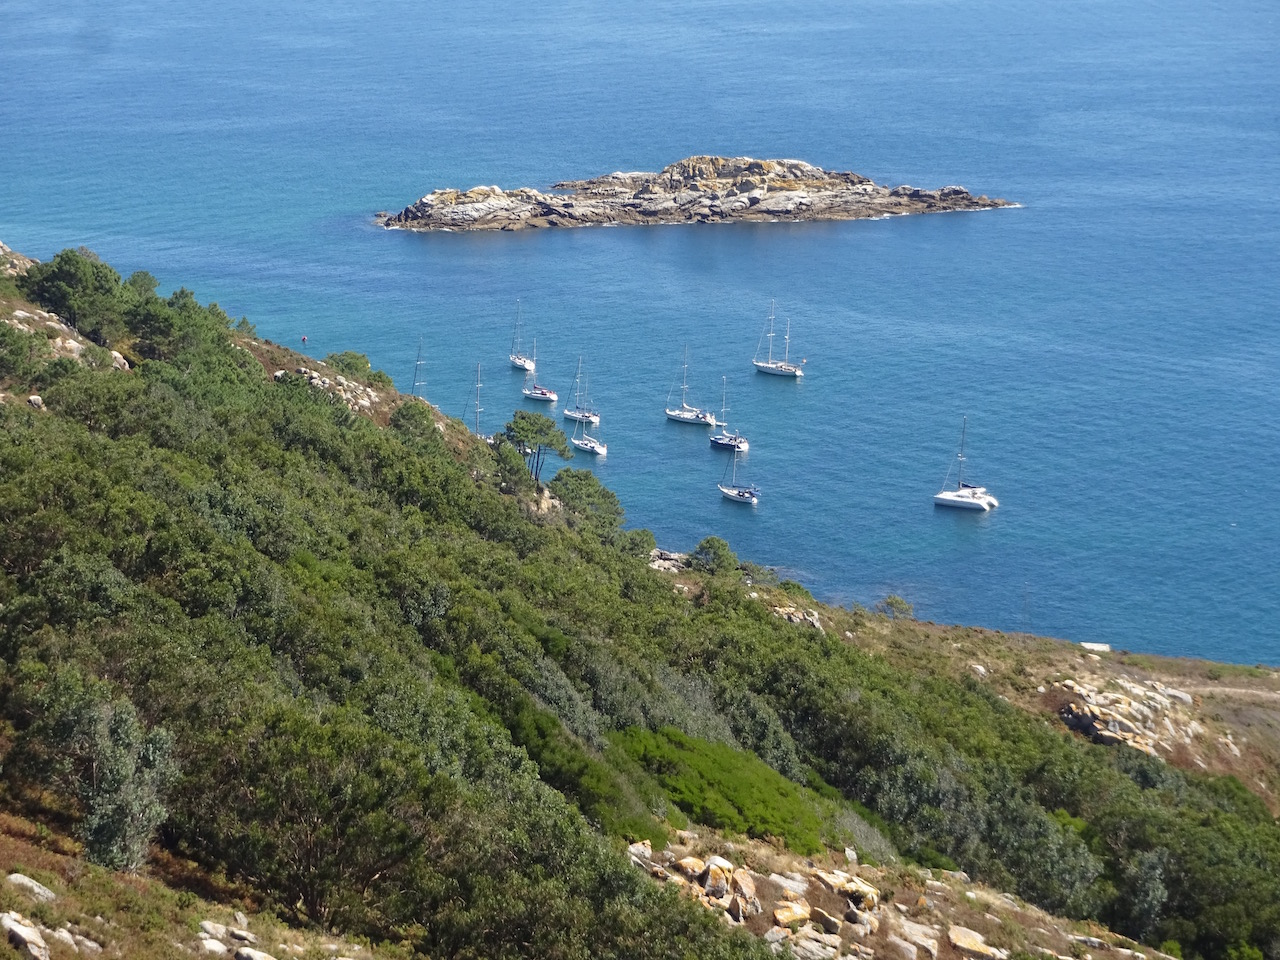 jeder Fleck im Windschatten der Inseln wird zum Ankern genutzt